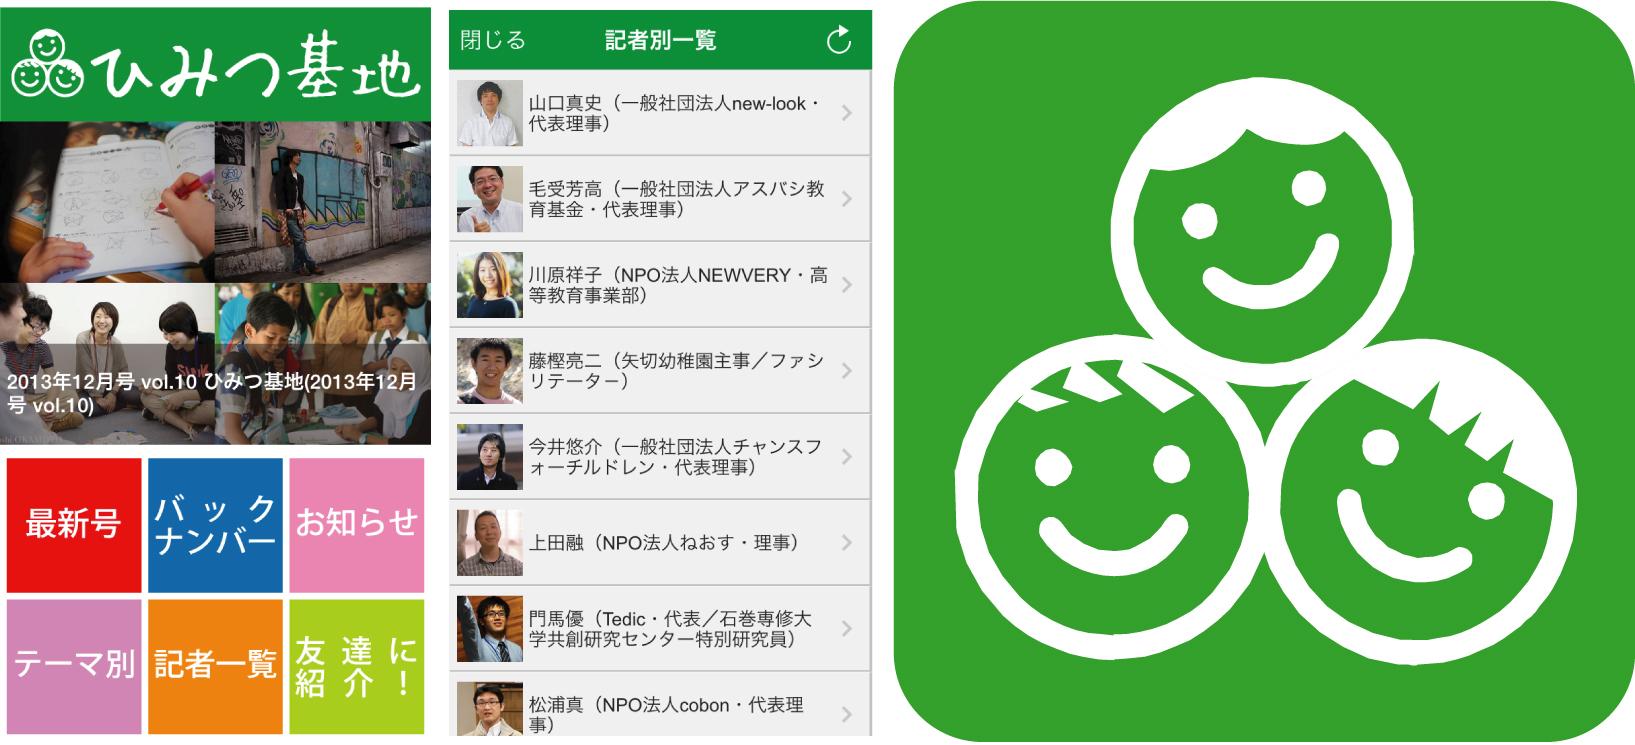 ウェブマガジン「ひみつ基地」のアプリがリリースされました!